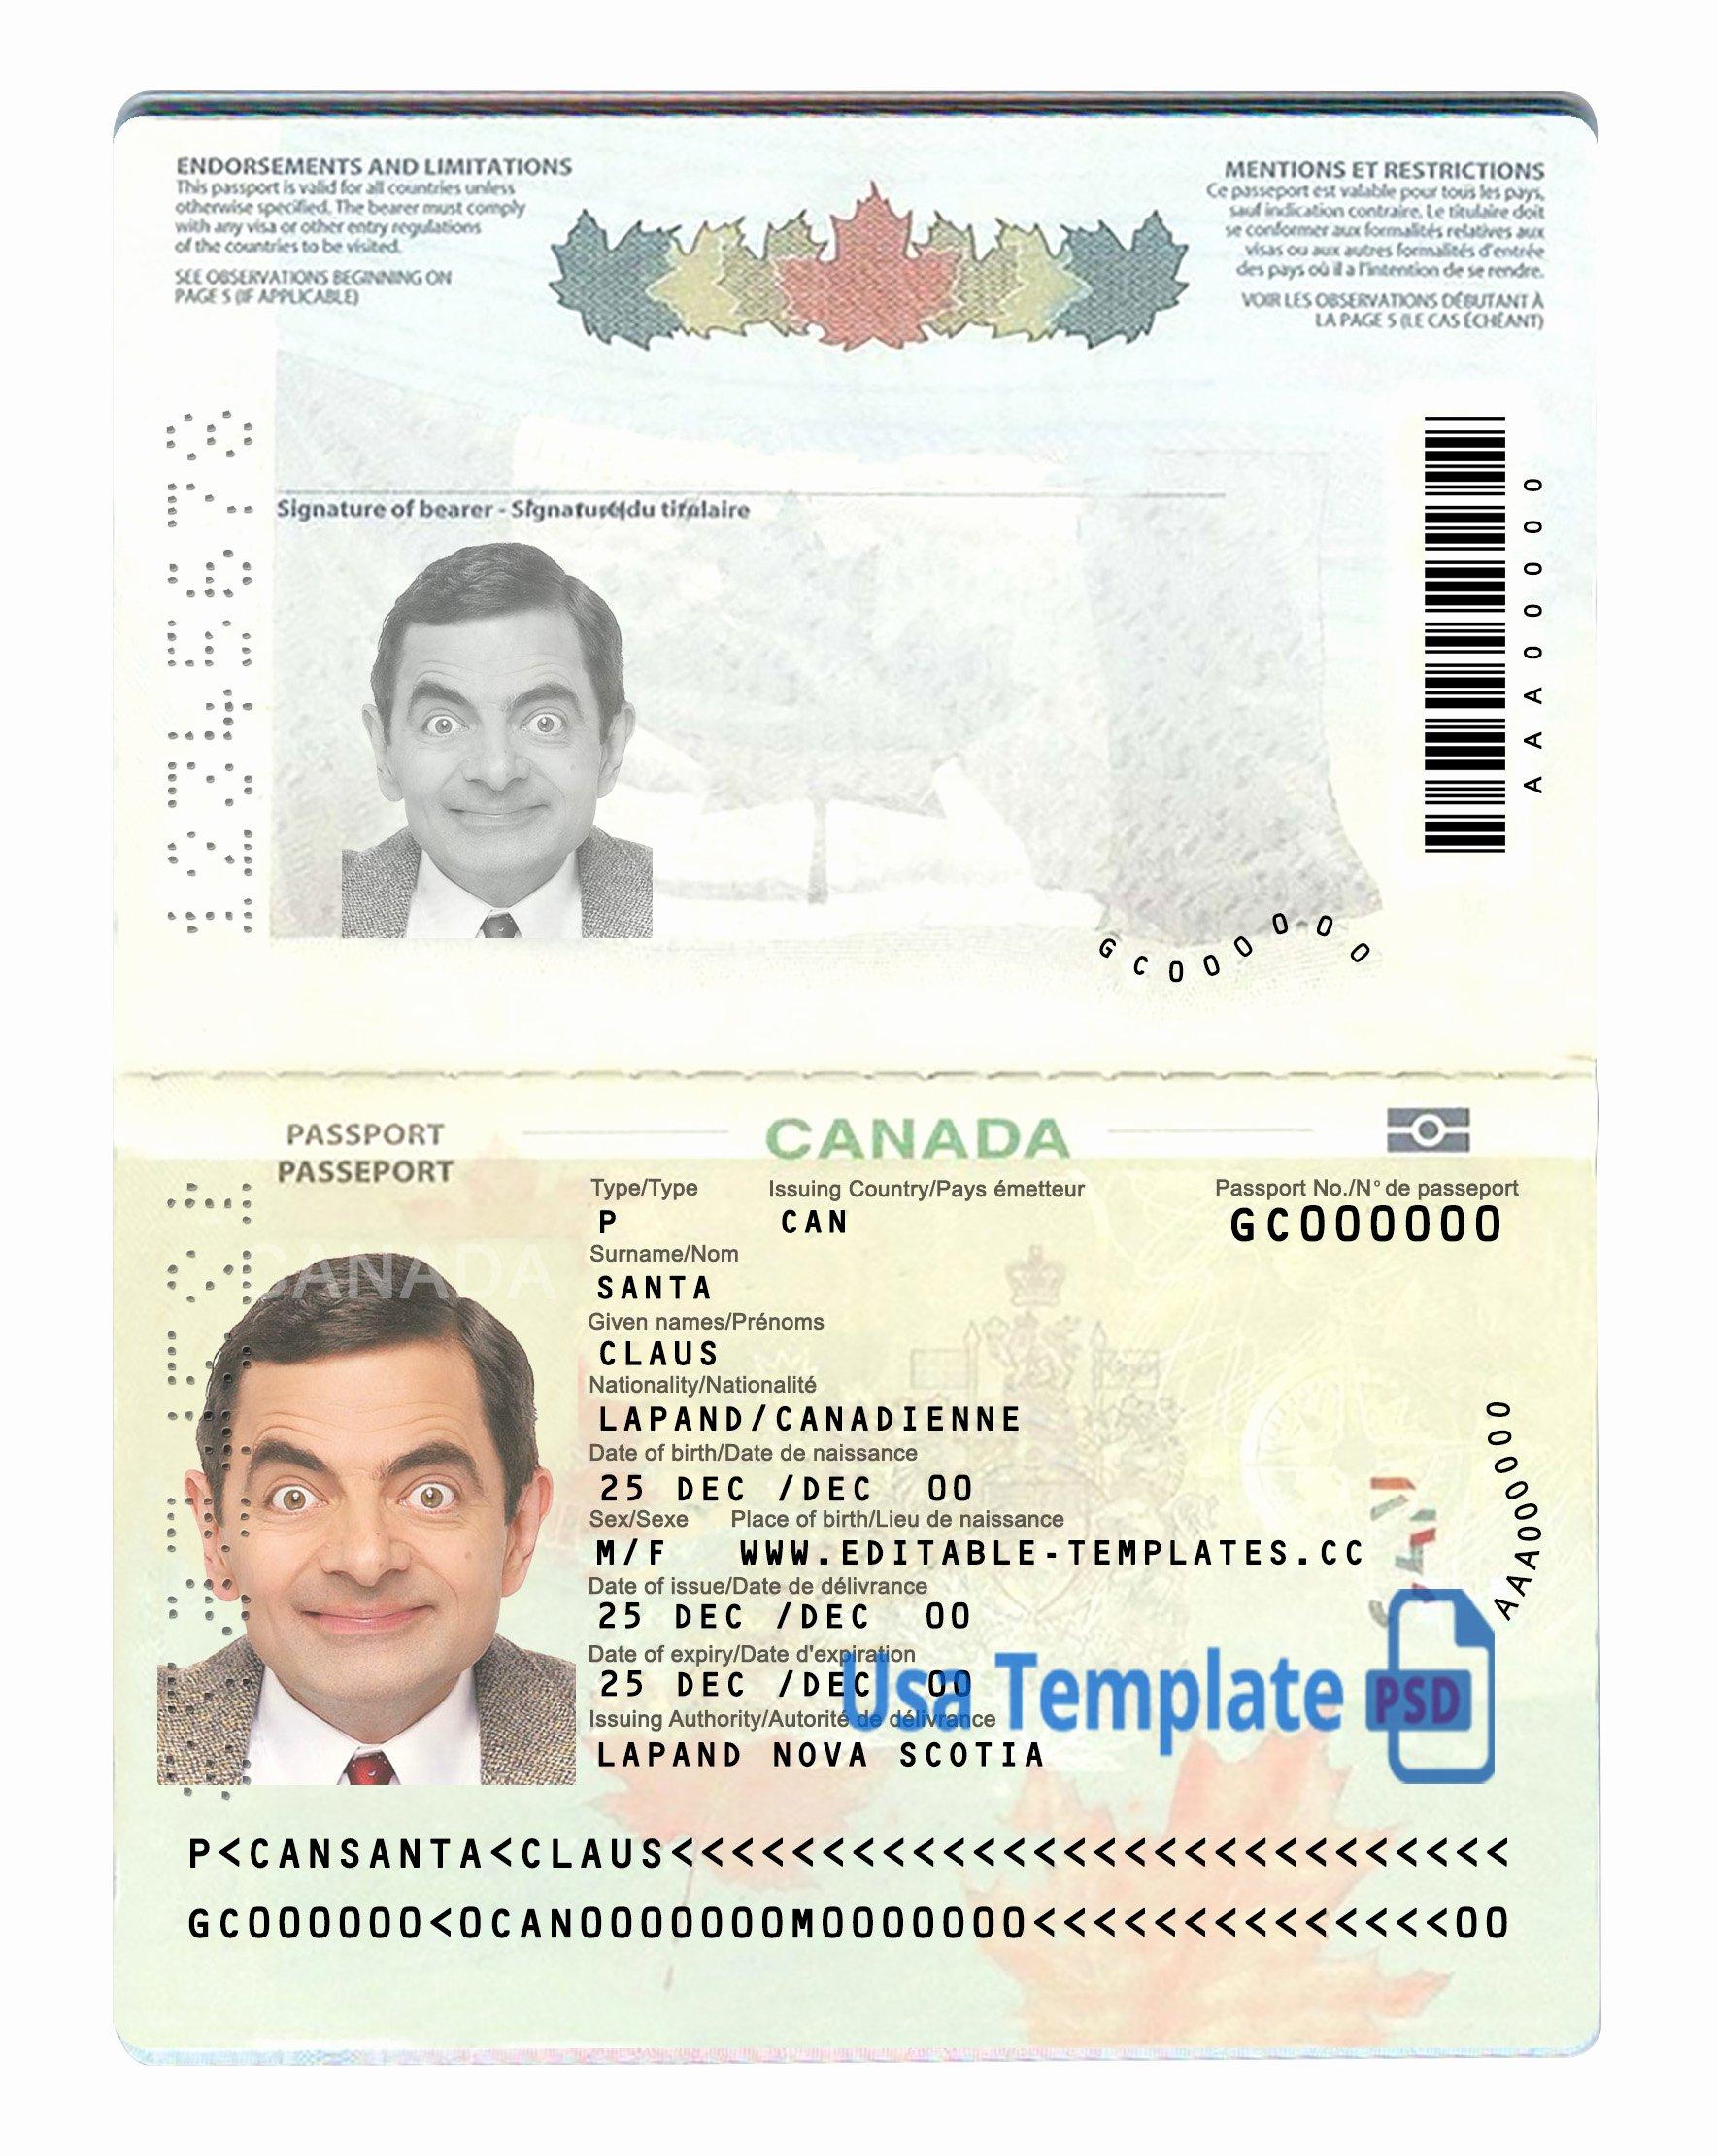 Us Passport Template Psd New Canada Passport Psd Template Usa Template Psd